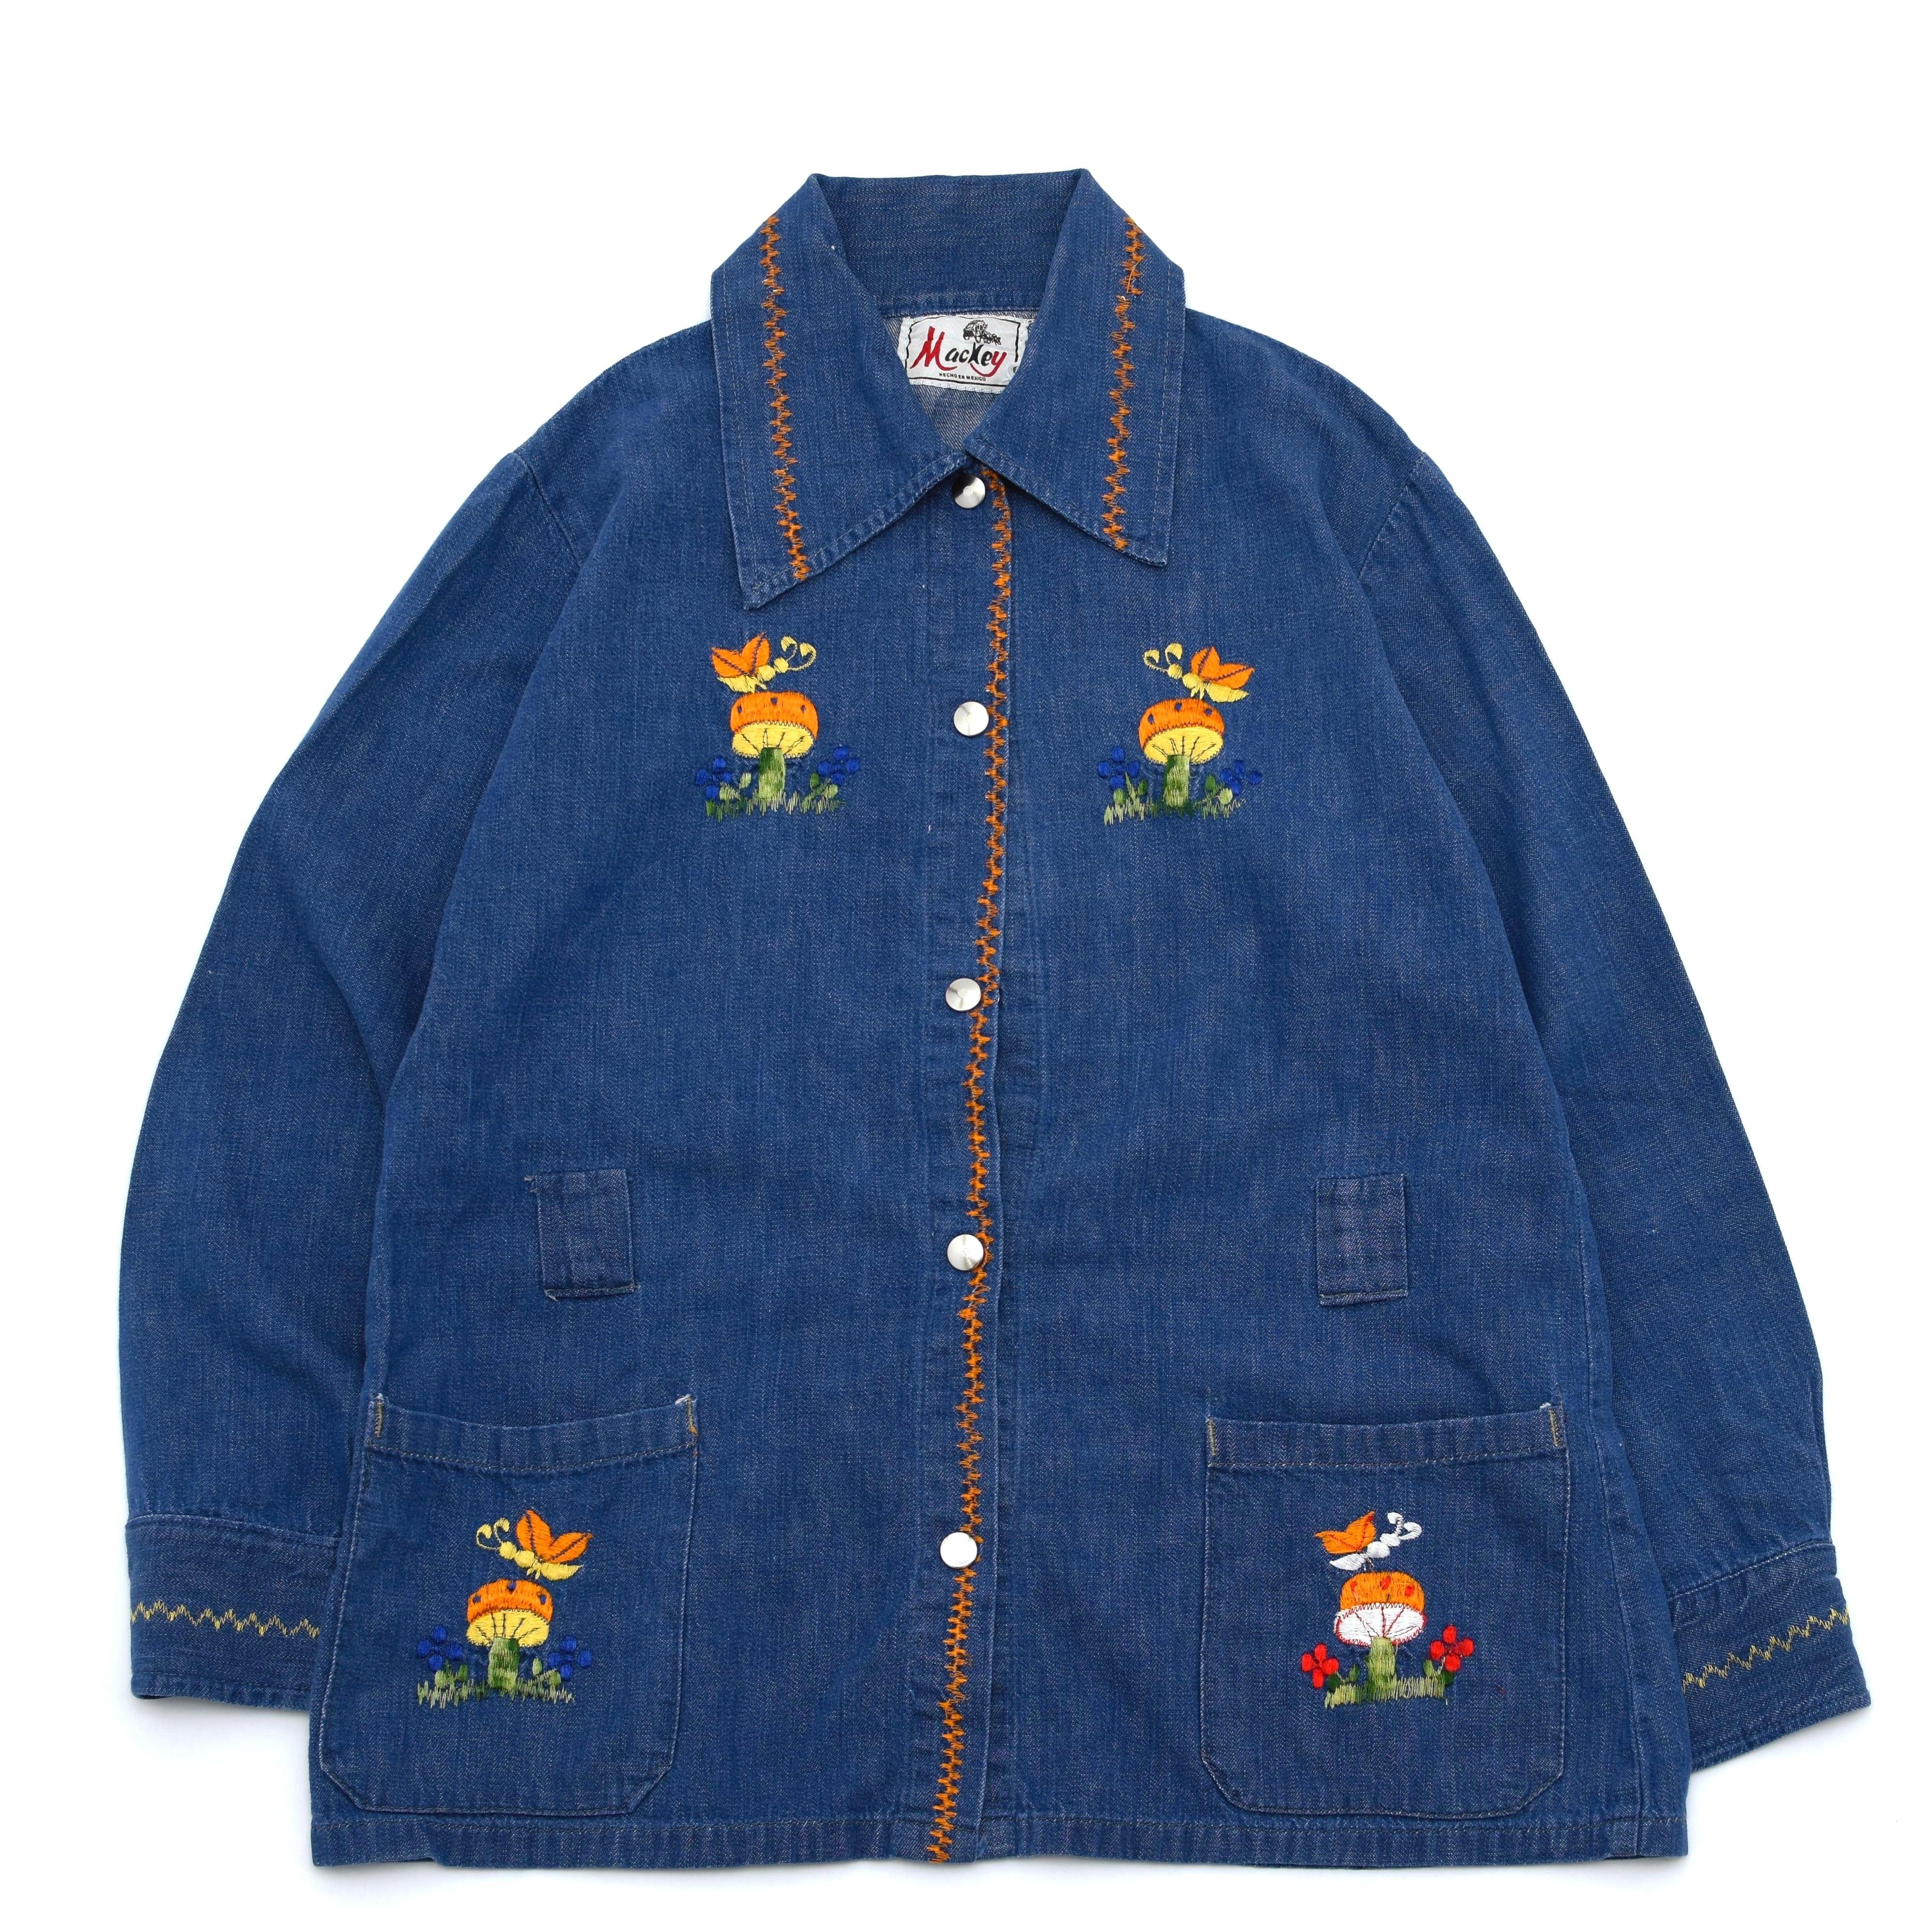 70's embroidery hippie denim shirt